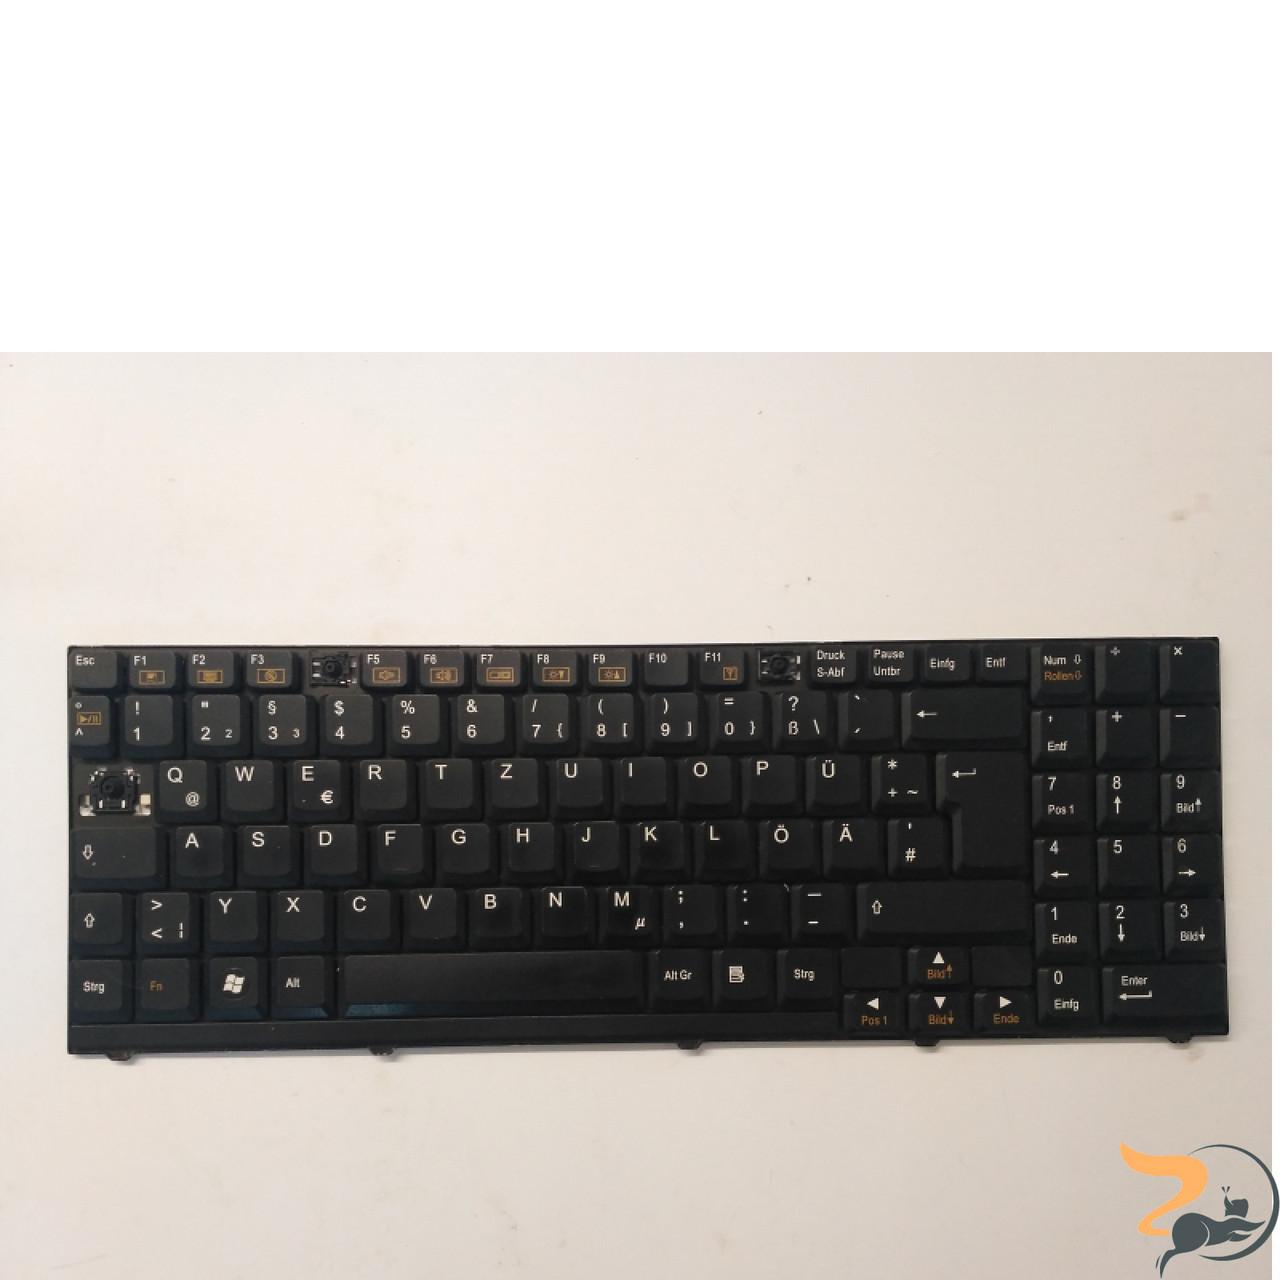 Клавіатура для ноутбука Clevo D900, D27, D470, M590, D70, в хорошому стані без пошкоджень, робоча клавіатура, відсутні клавіша (фото)